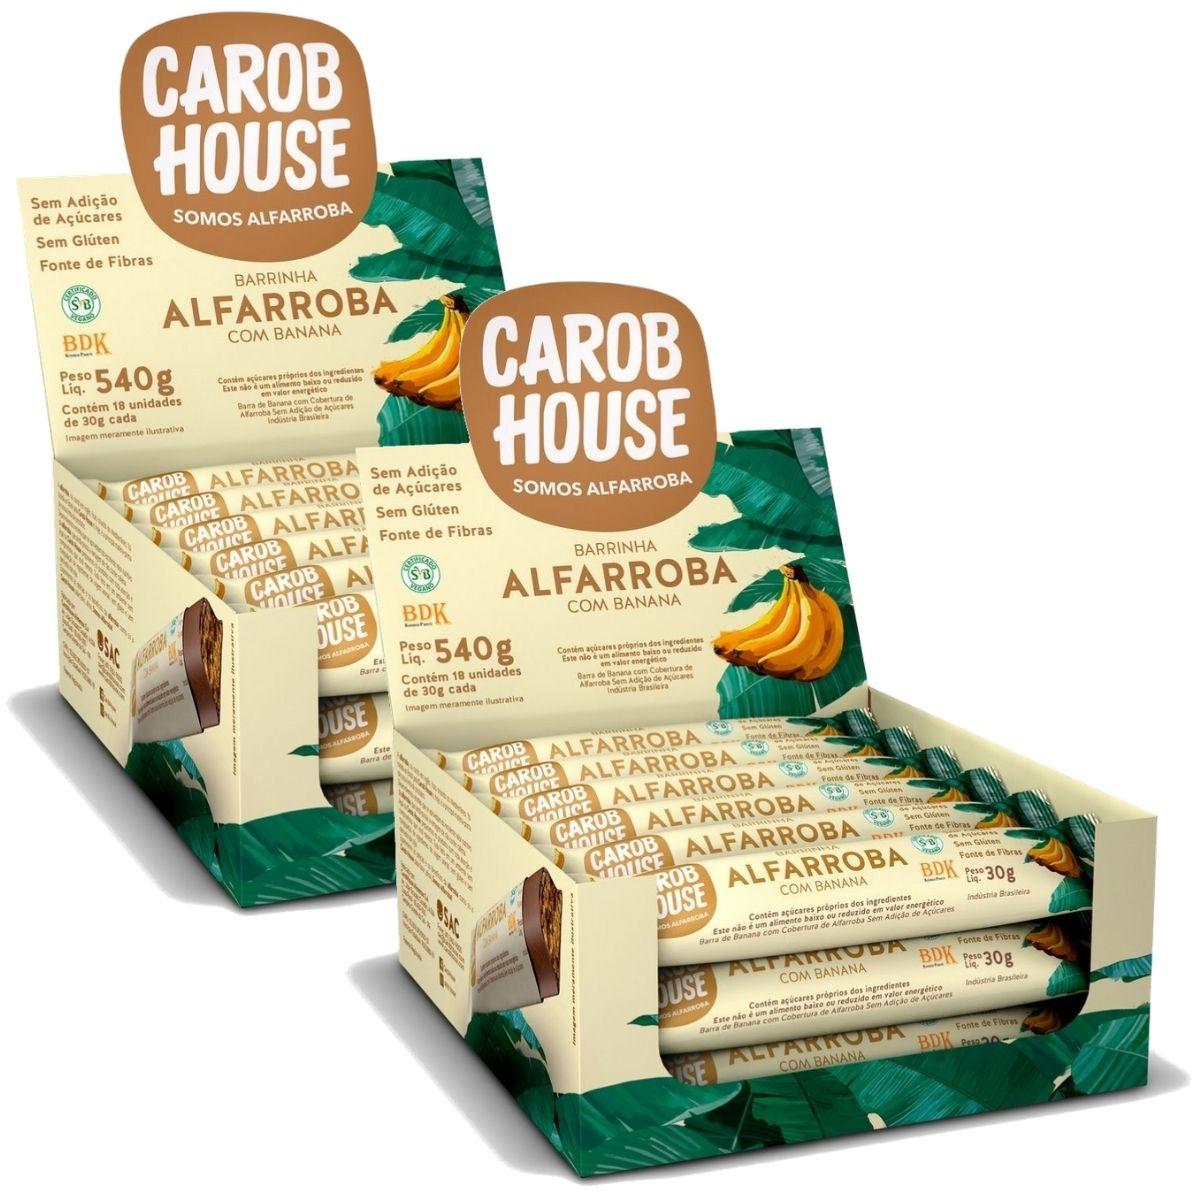 2 Caixas Alfarroba Com Banana 30g Caixa C/ 18 Barrinhas - Carob House